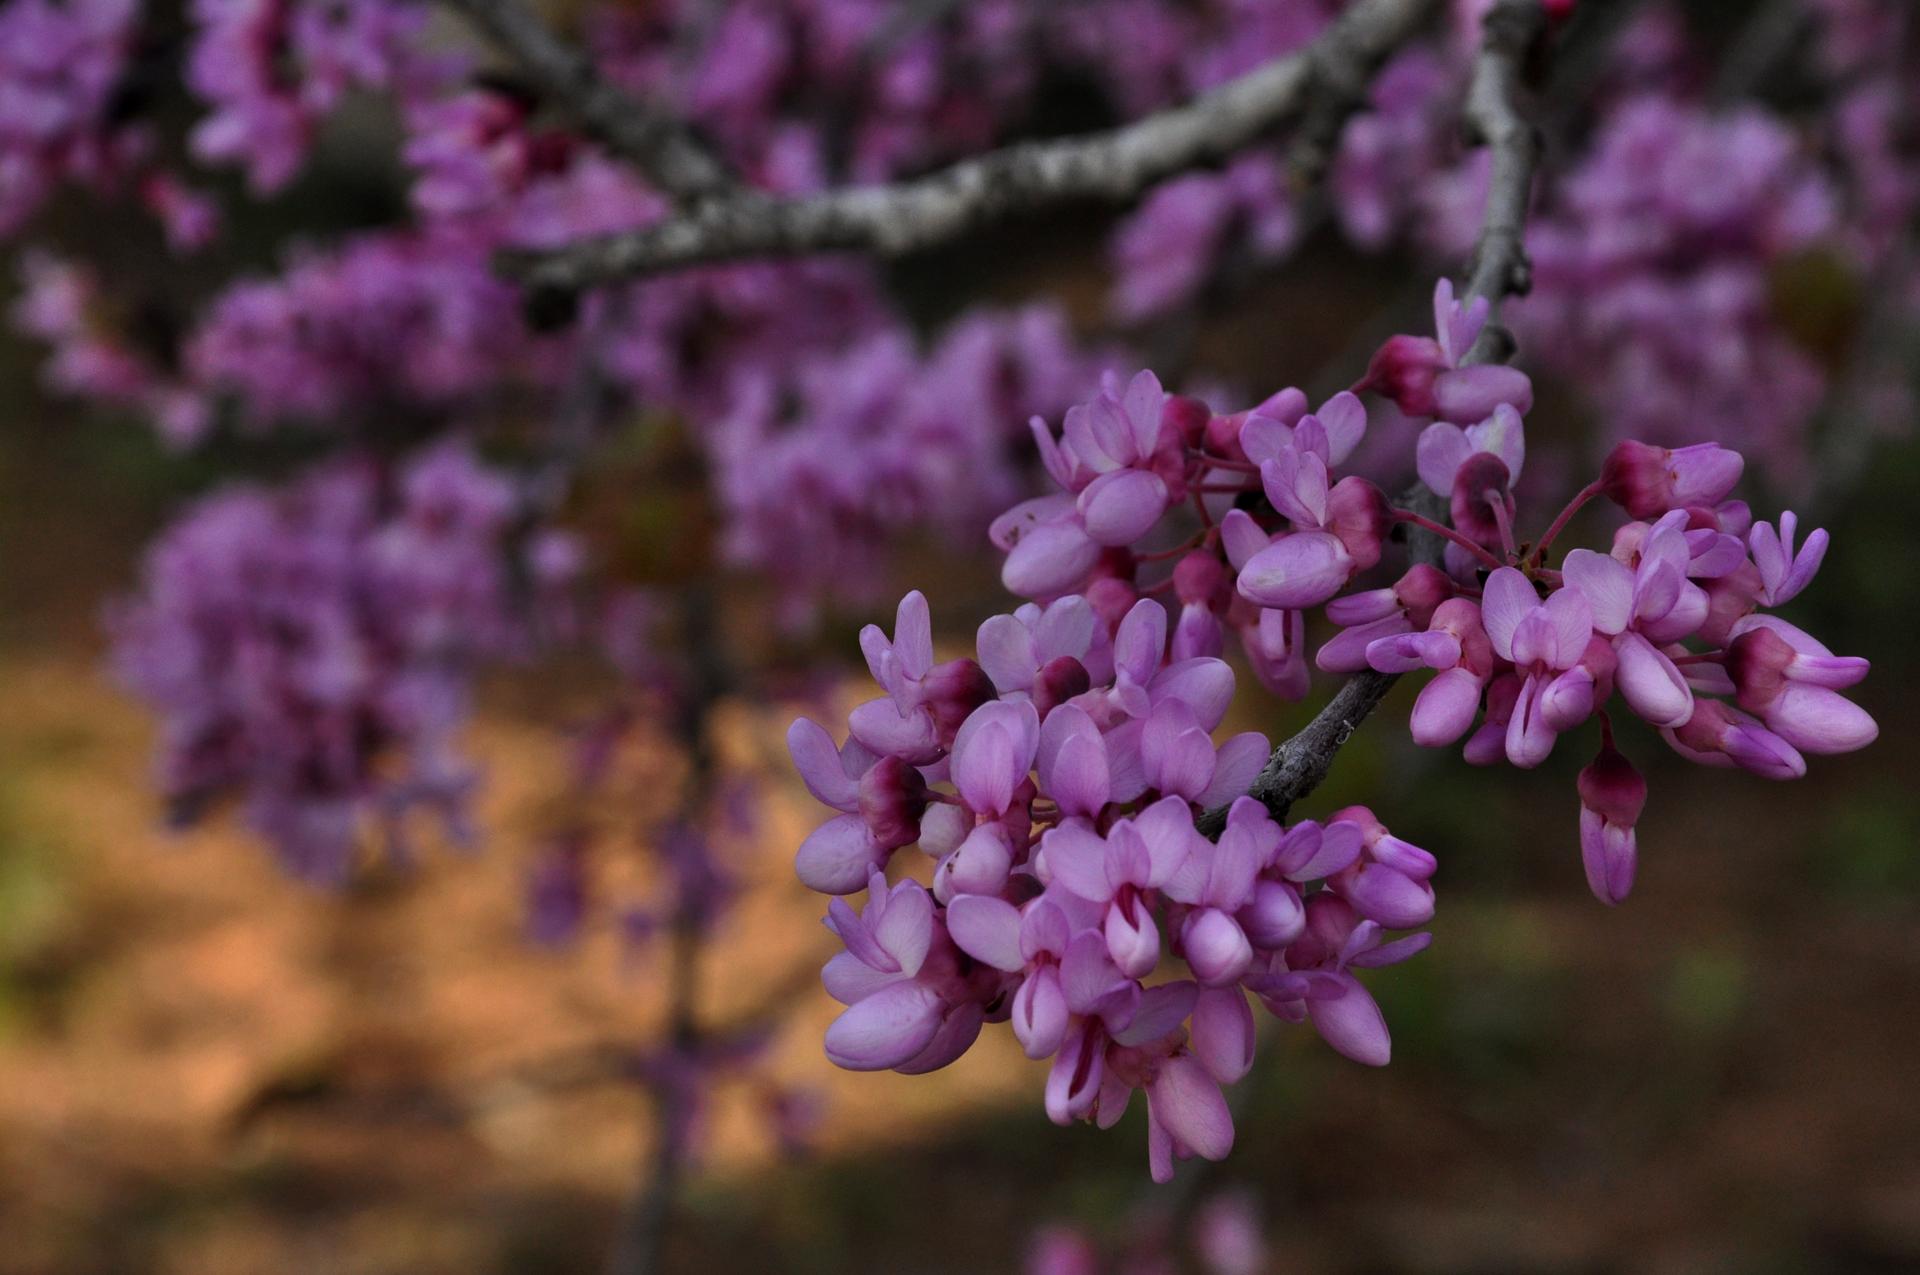 יואל שתרוג - אדמה יוצרת - yoel sitruk- אביב - פריחות - כליל החורש - צילום בטבע - מאקרו